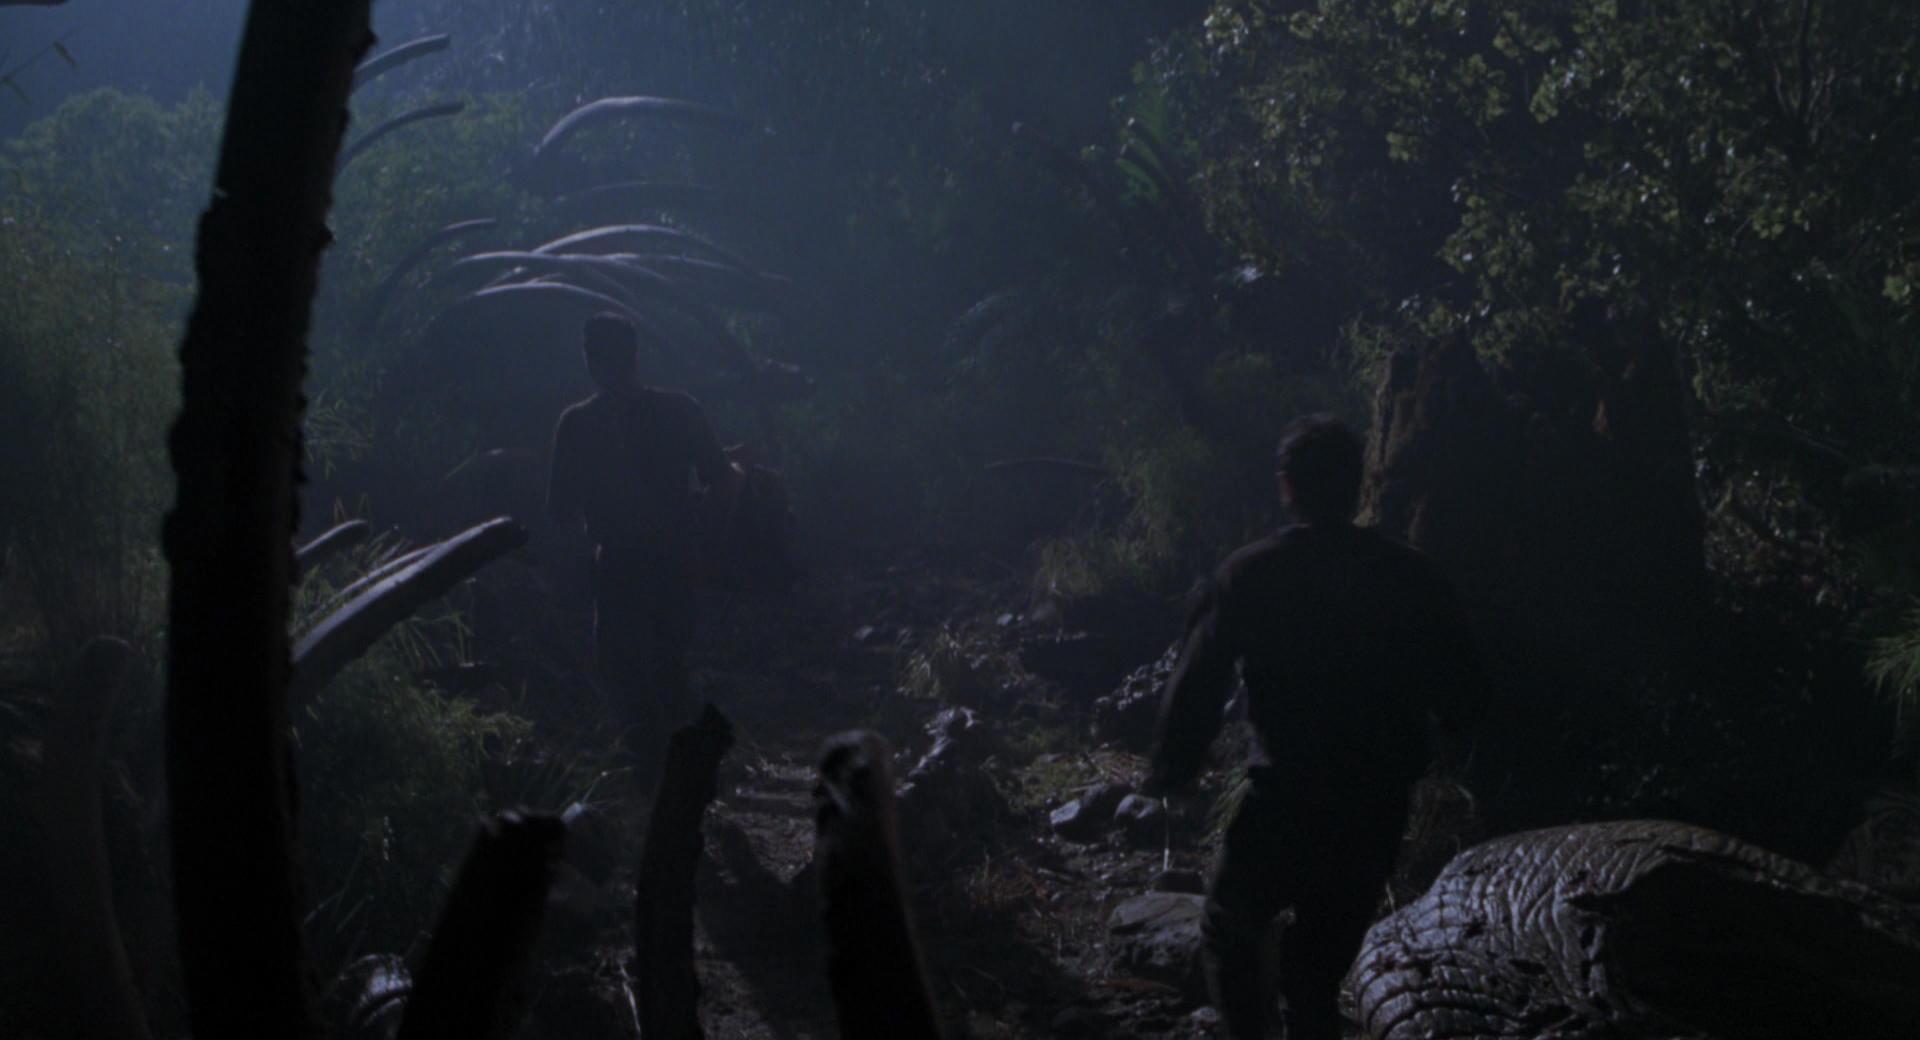 The Lost World Jurassic Park Screencaps are here Jurassic-lost-world-movie-screencaps.com-10501